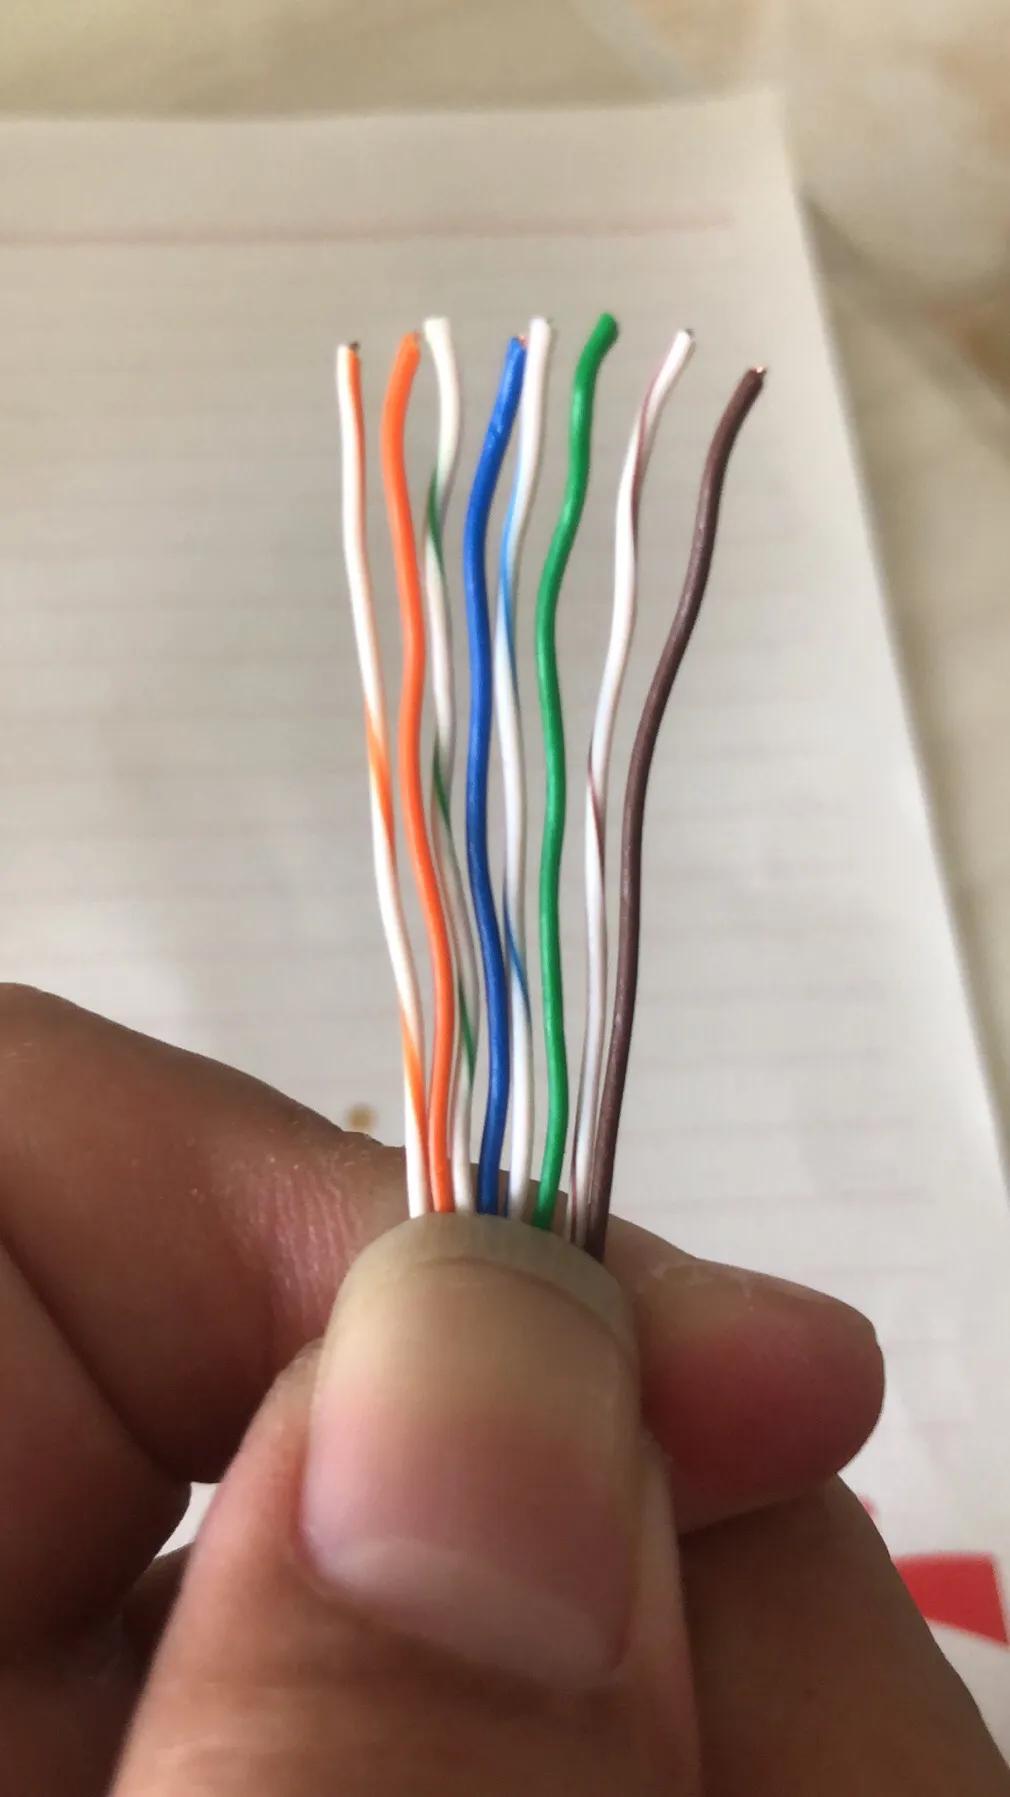 八芯网线水晶头接法顺序(8芯网线水晶头接线排序图)